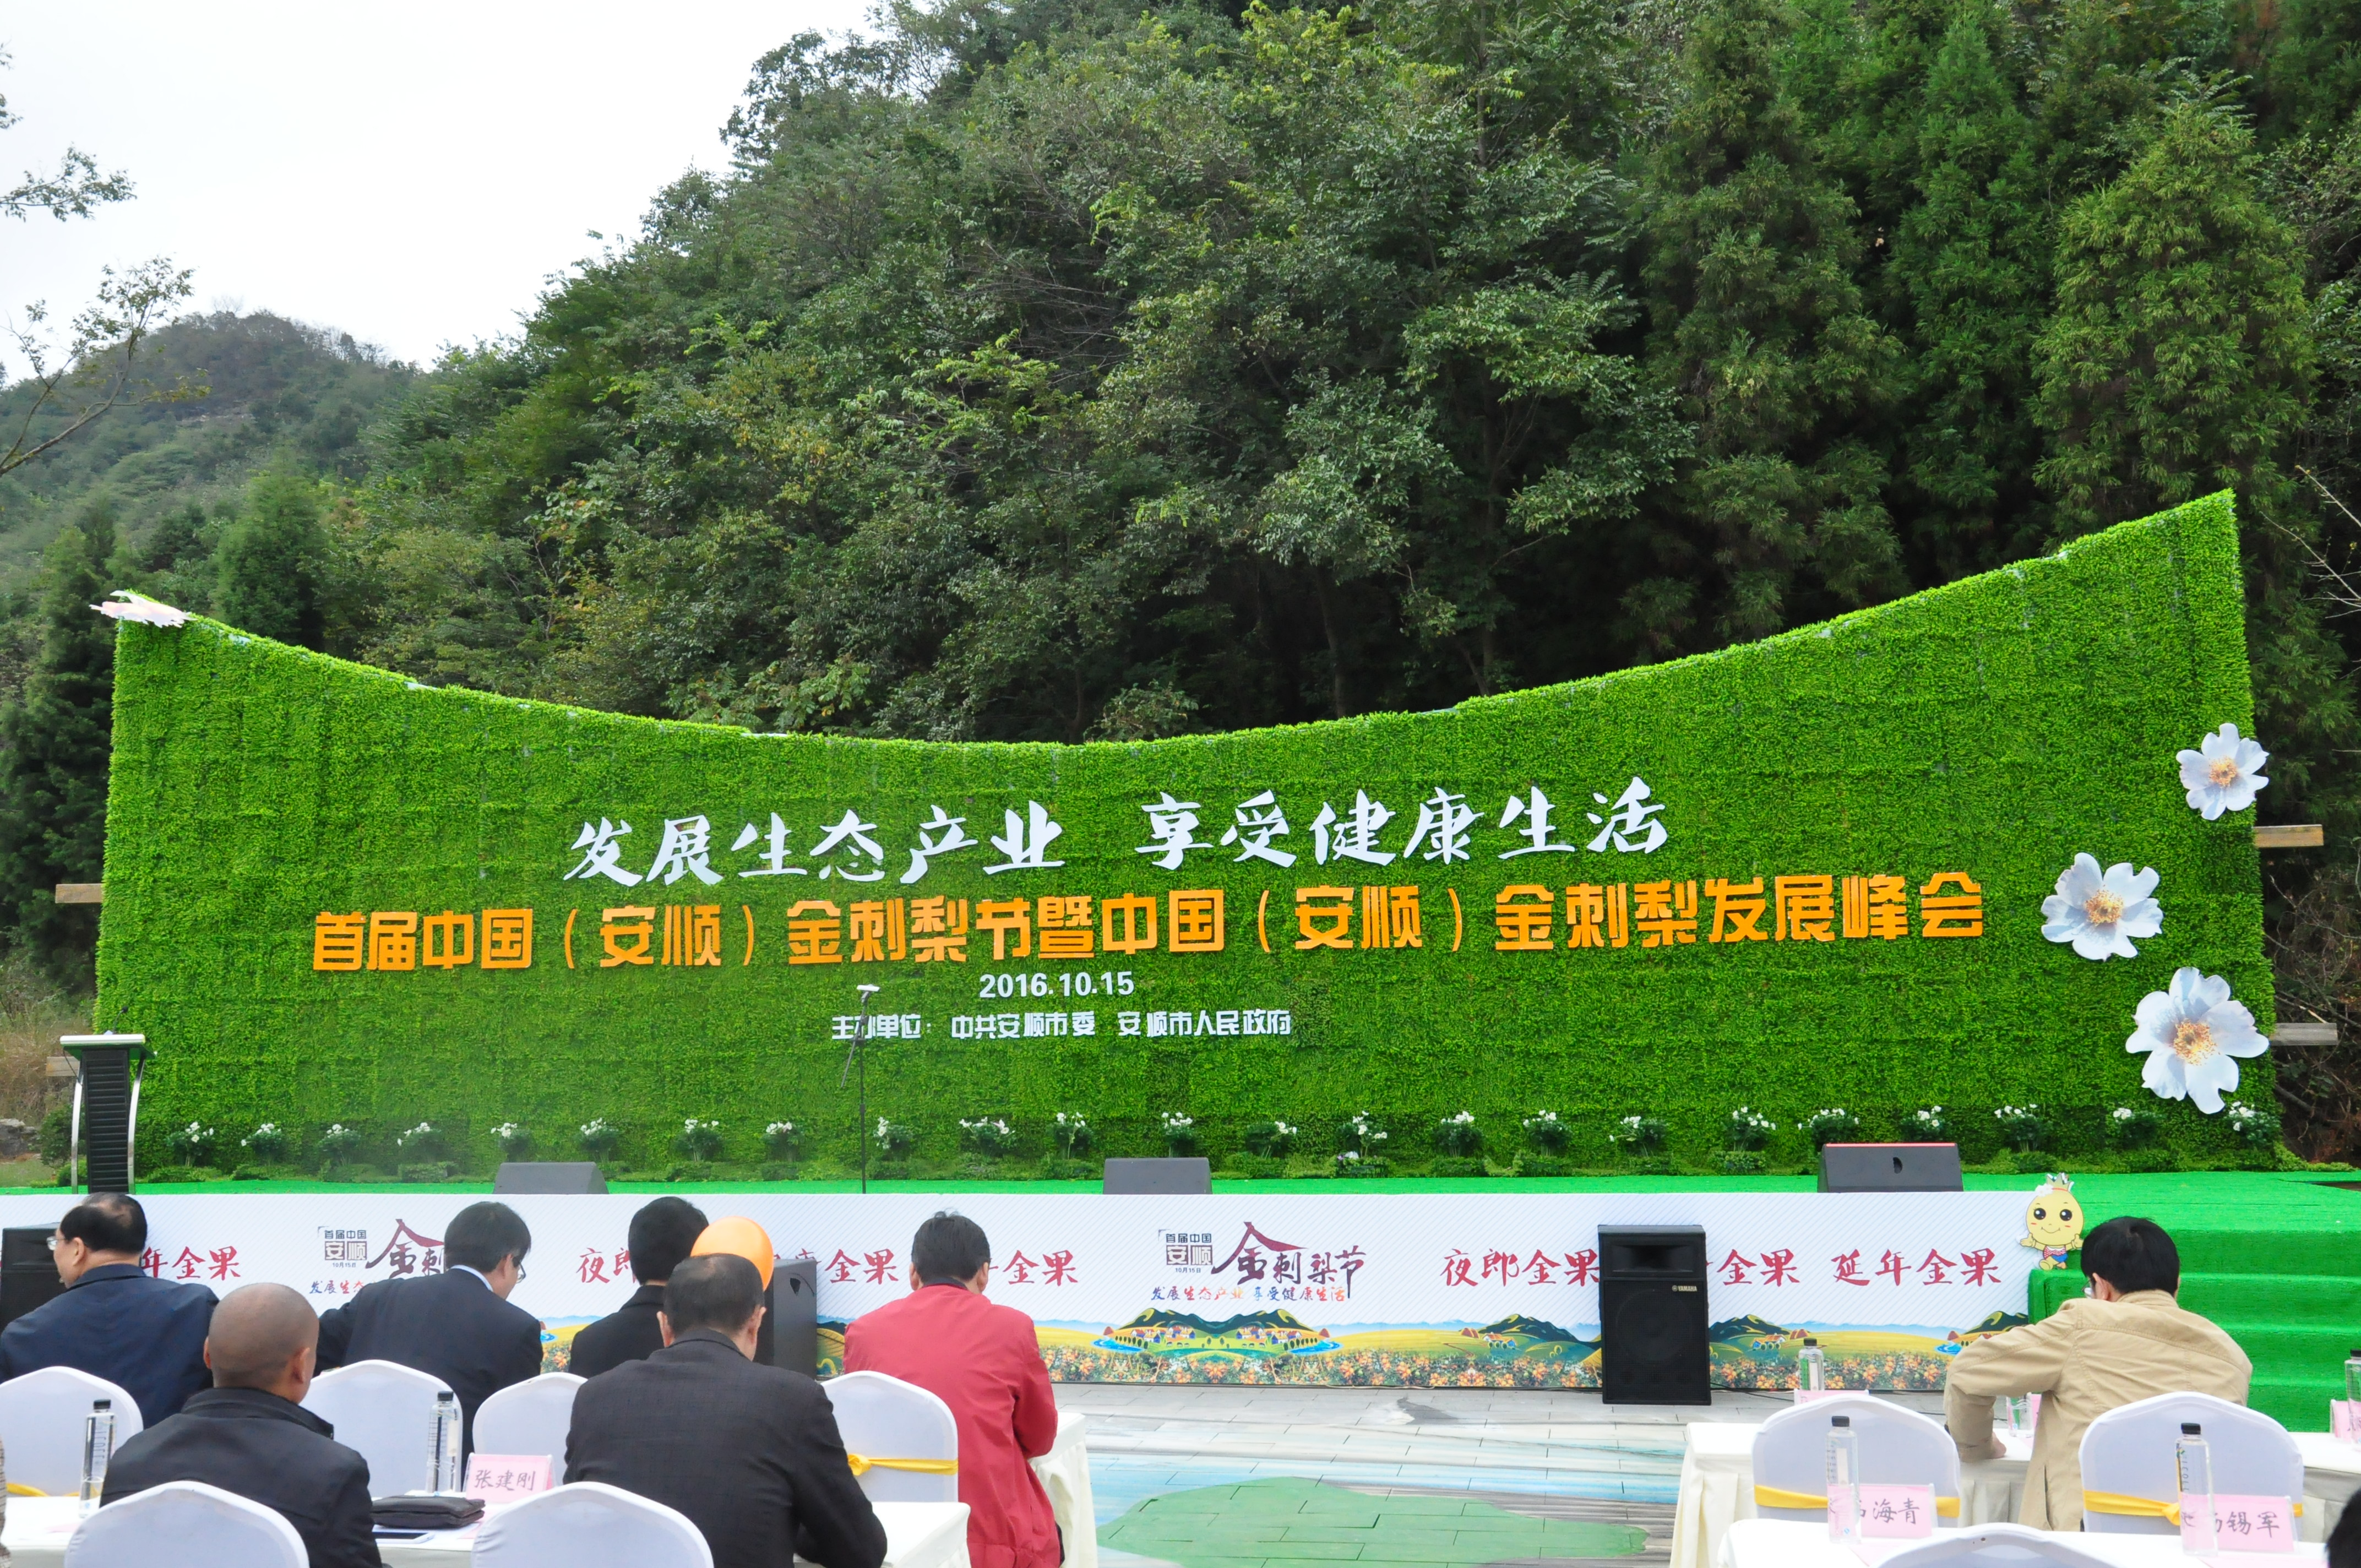 安顺发展绿色产业链,打造金刺梨养生品牌